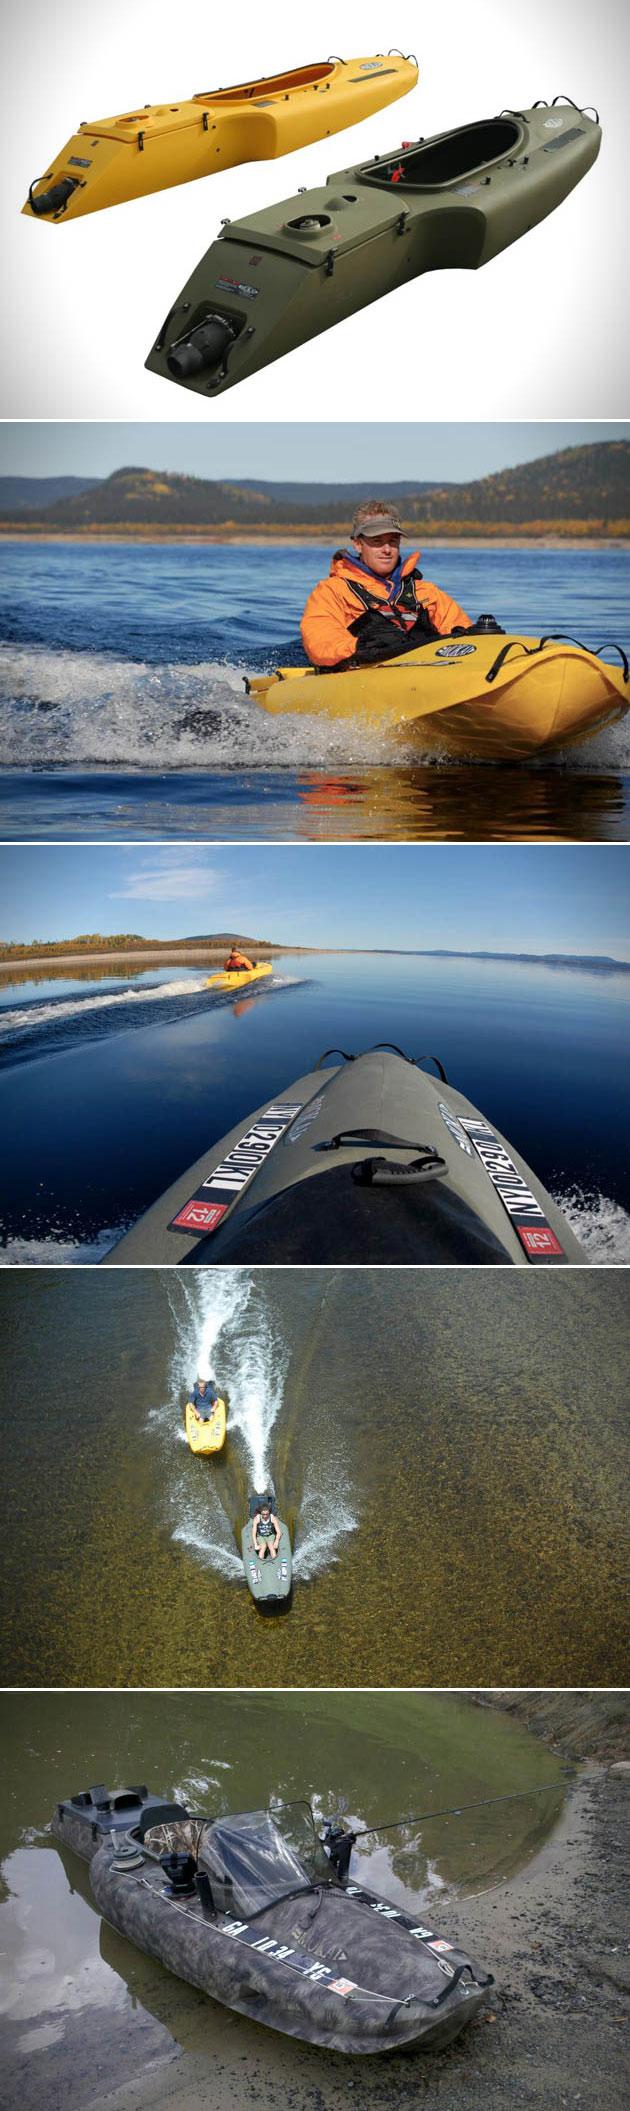 Jet-Propelled Kayak